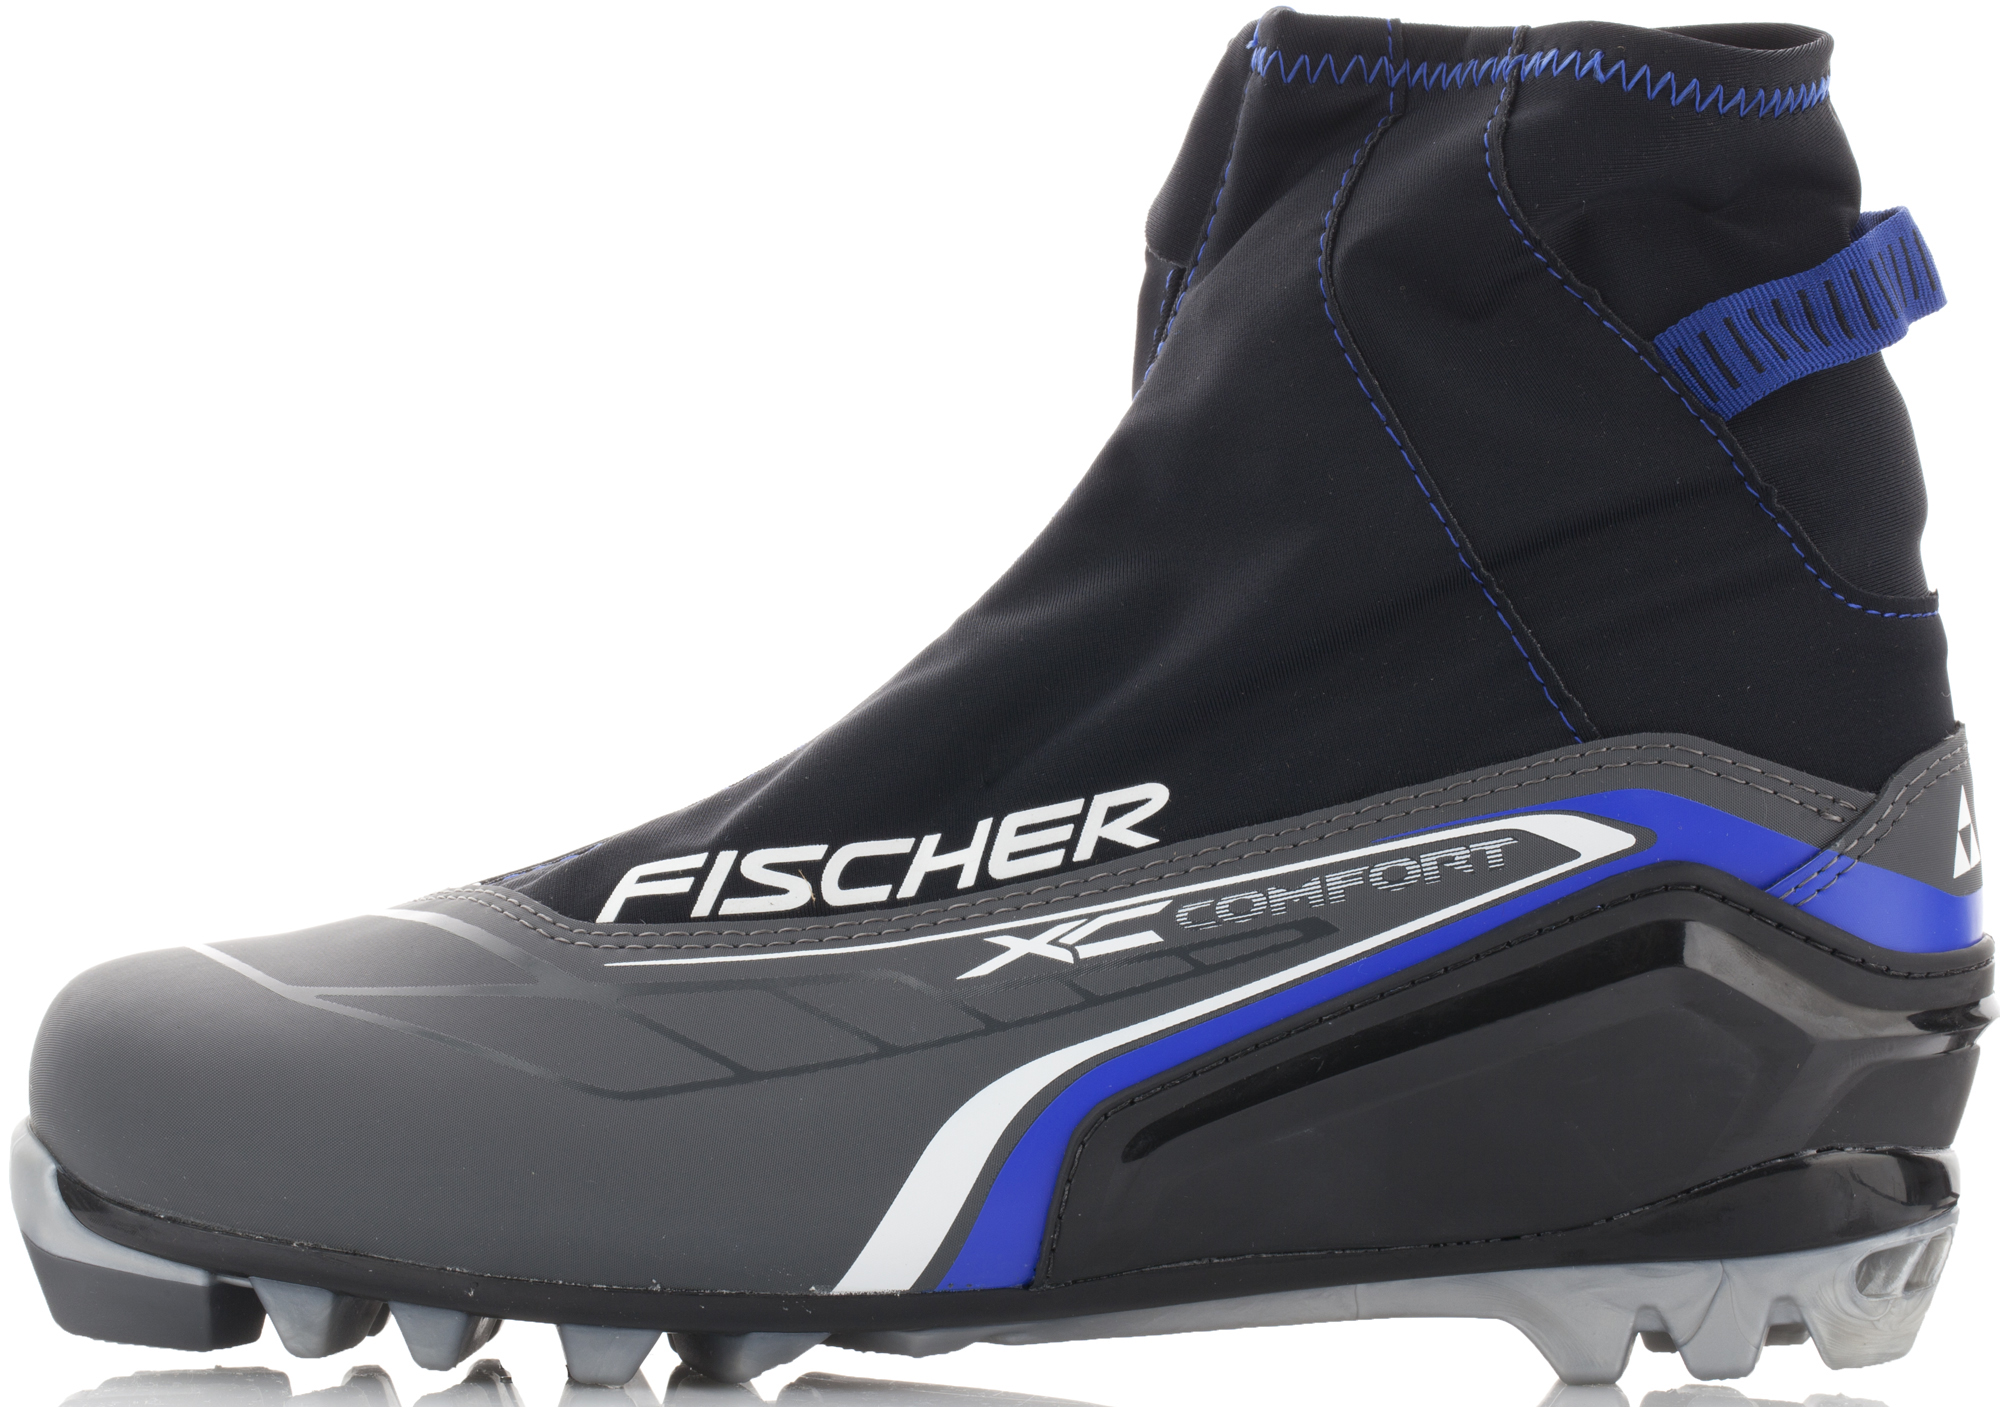 Fischer Ботинки для беговых лыж Fischer XC Comfort